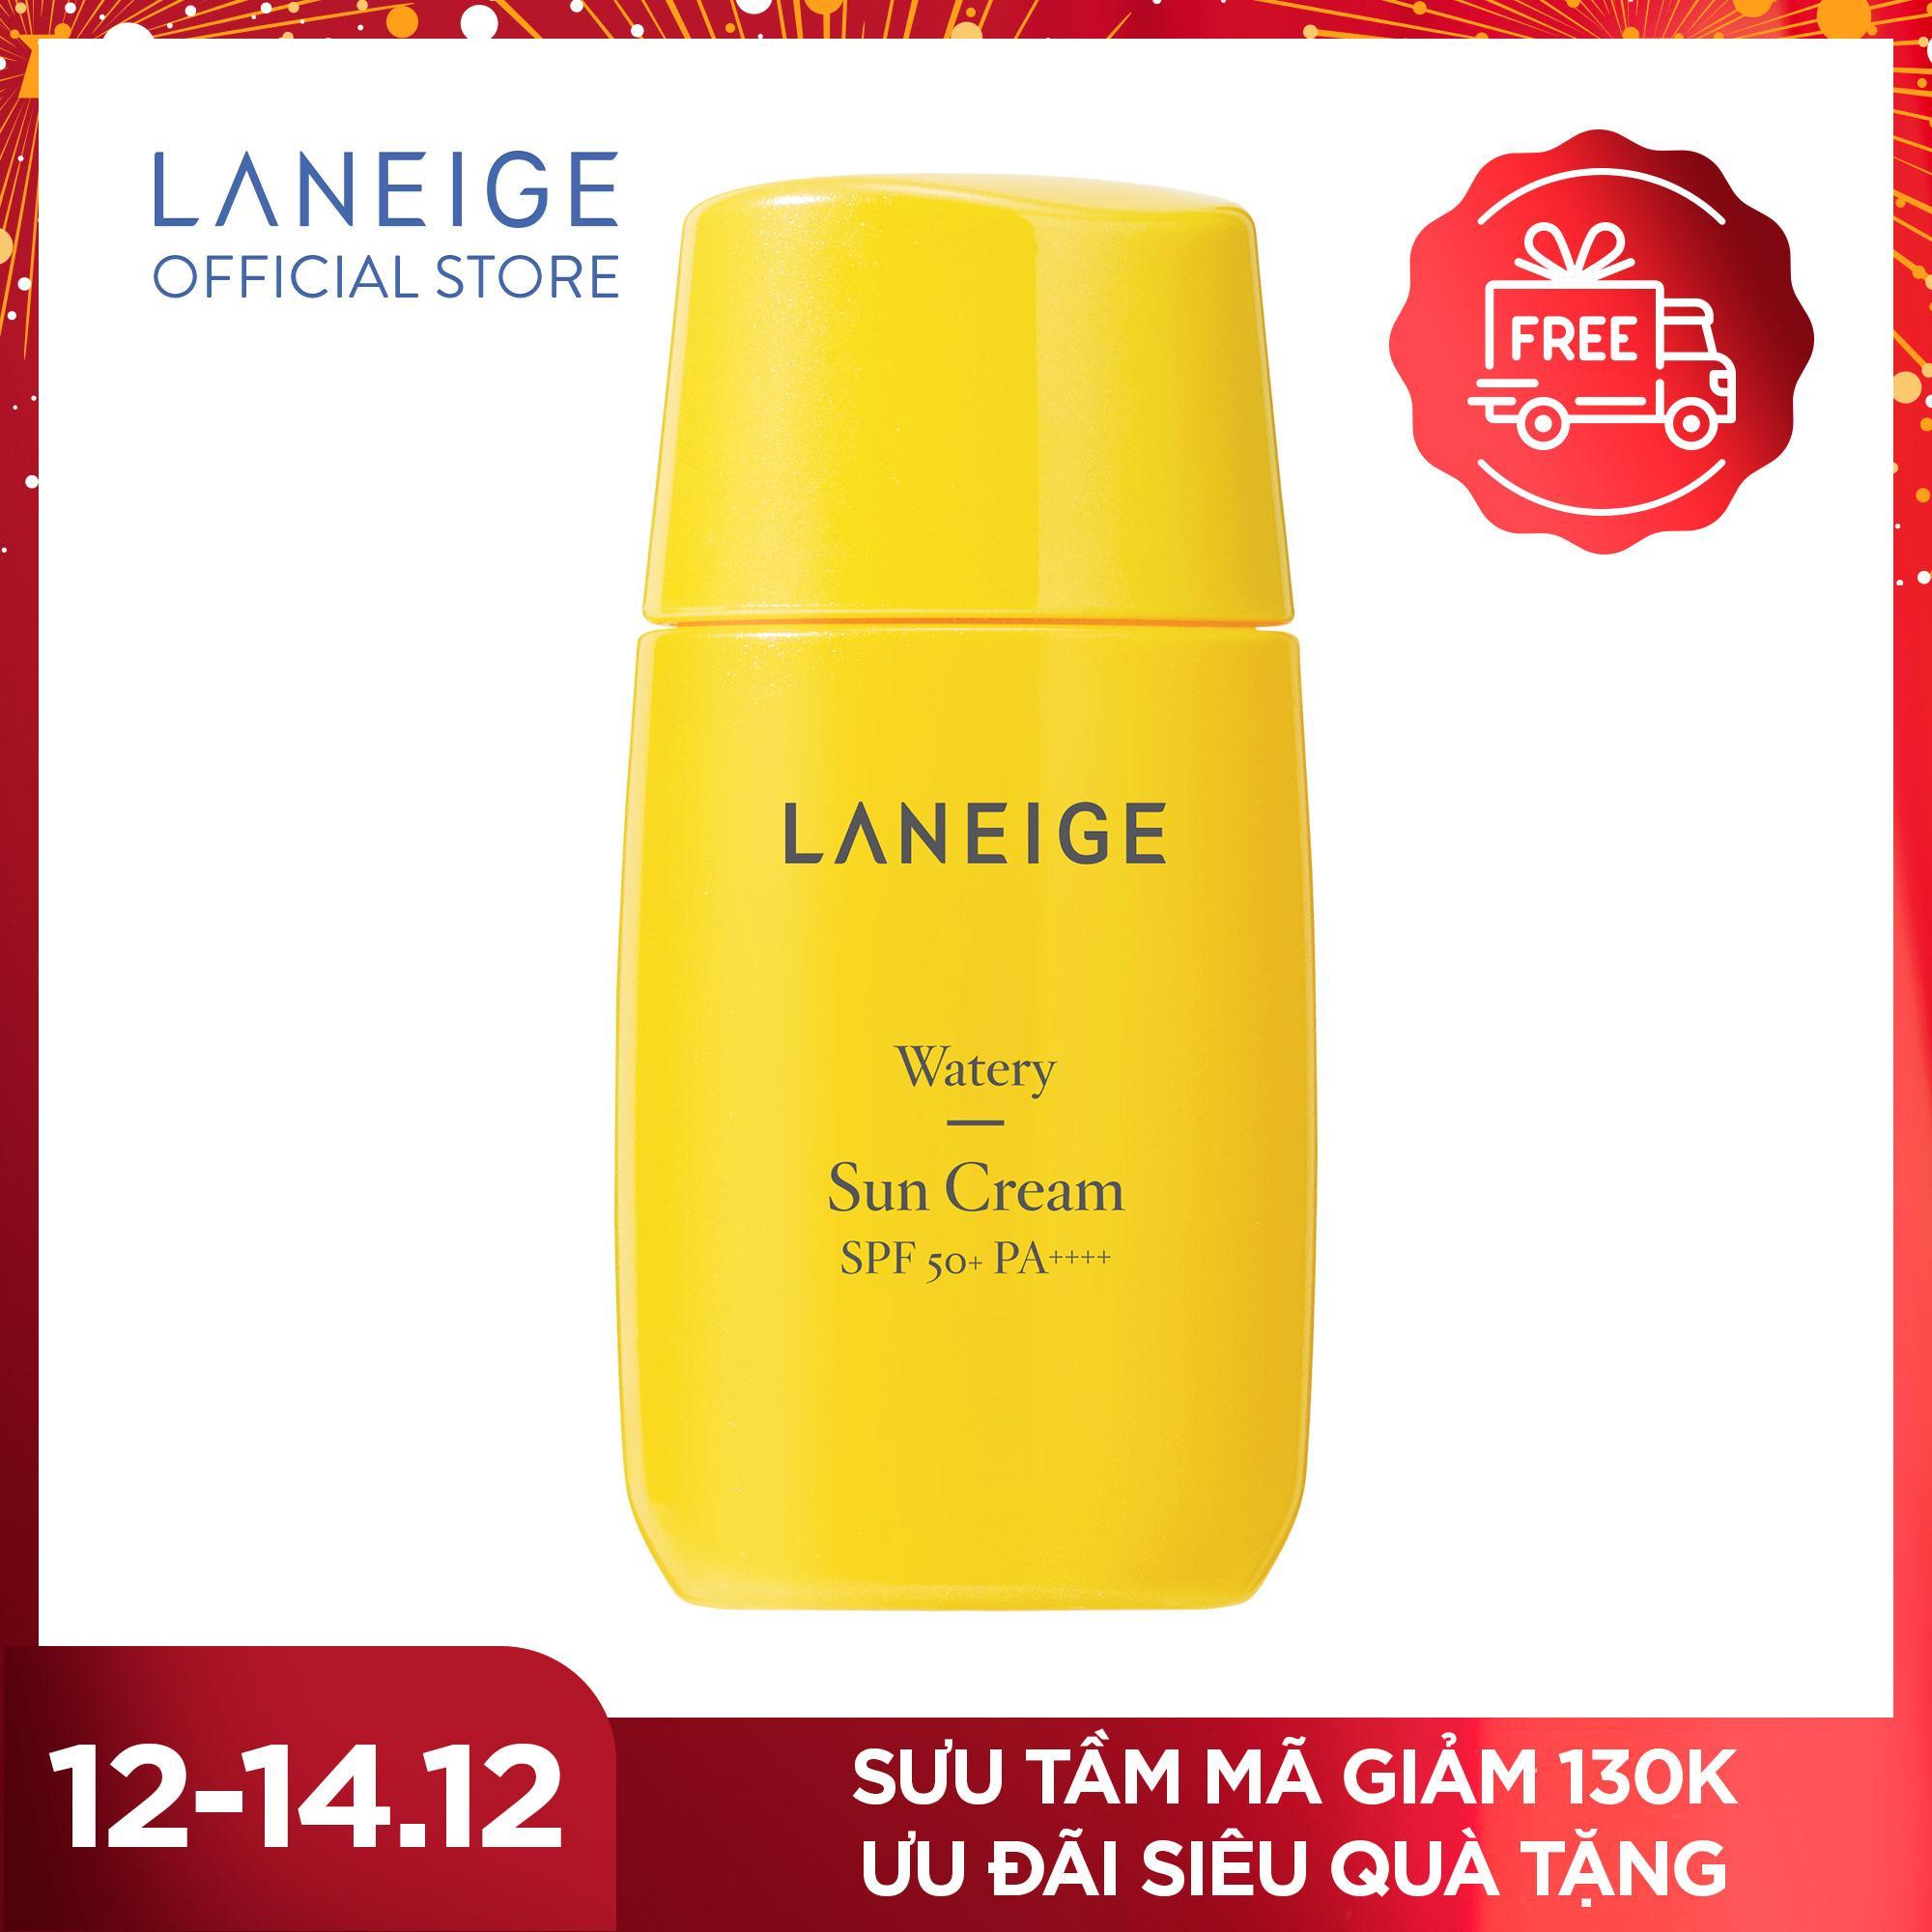 Kem Chống Nắng Cho Da Thường Và Da Khô Laneige Watery Sun Cream SPF50+ PA++++ 50ml Đang Ưu Đãi